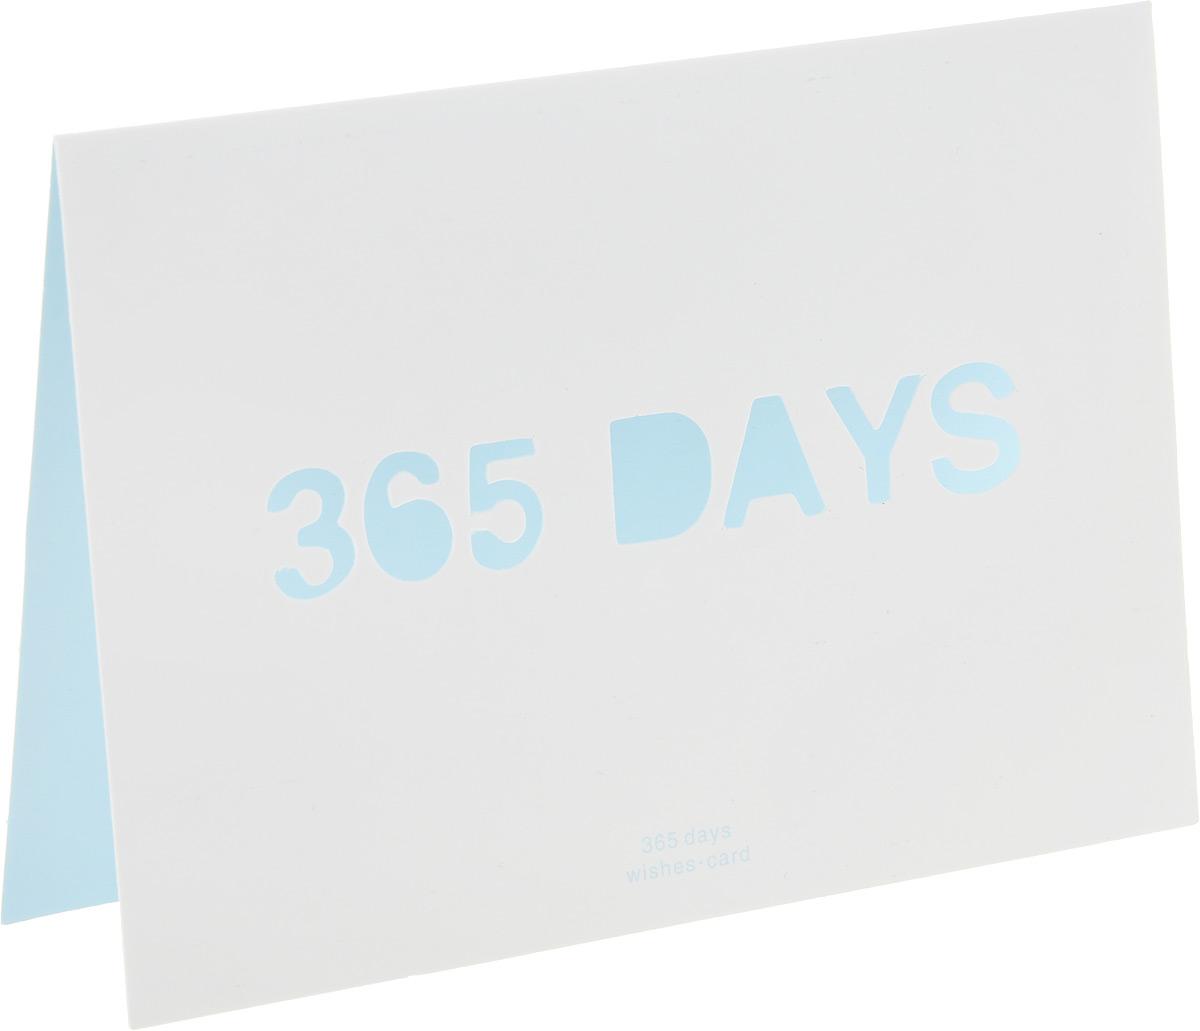 Открытка 365 days74-0120Двойная открытка 365 days позволит вам оригинально дополнить подарок и поздравить близкого человека. Лицевая сторона открытки оформлена вырезанной надписью 365 days. В комплект входит цветной конверт. Характеристики: Материал:картон, бумага.Размер открытки (в сложенном виде):15 см х 10,5 см.Изготовитель:Китай. УВАЖАЕМЫЕ КЛИЕНТЫ!Обращаем ваше внимание на незначительные изменения в цвете некоторых деталей товара. Поставка осуществляется в зависимости от наличия на складе.